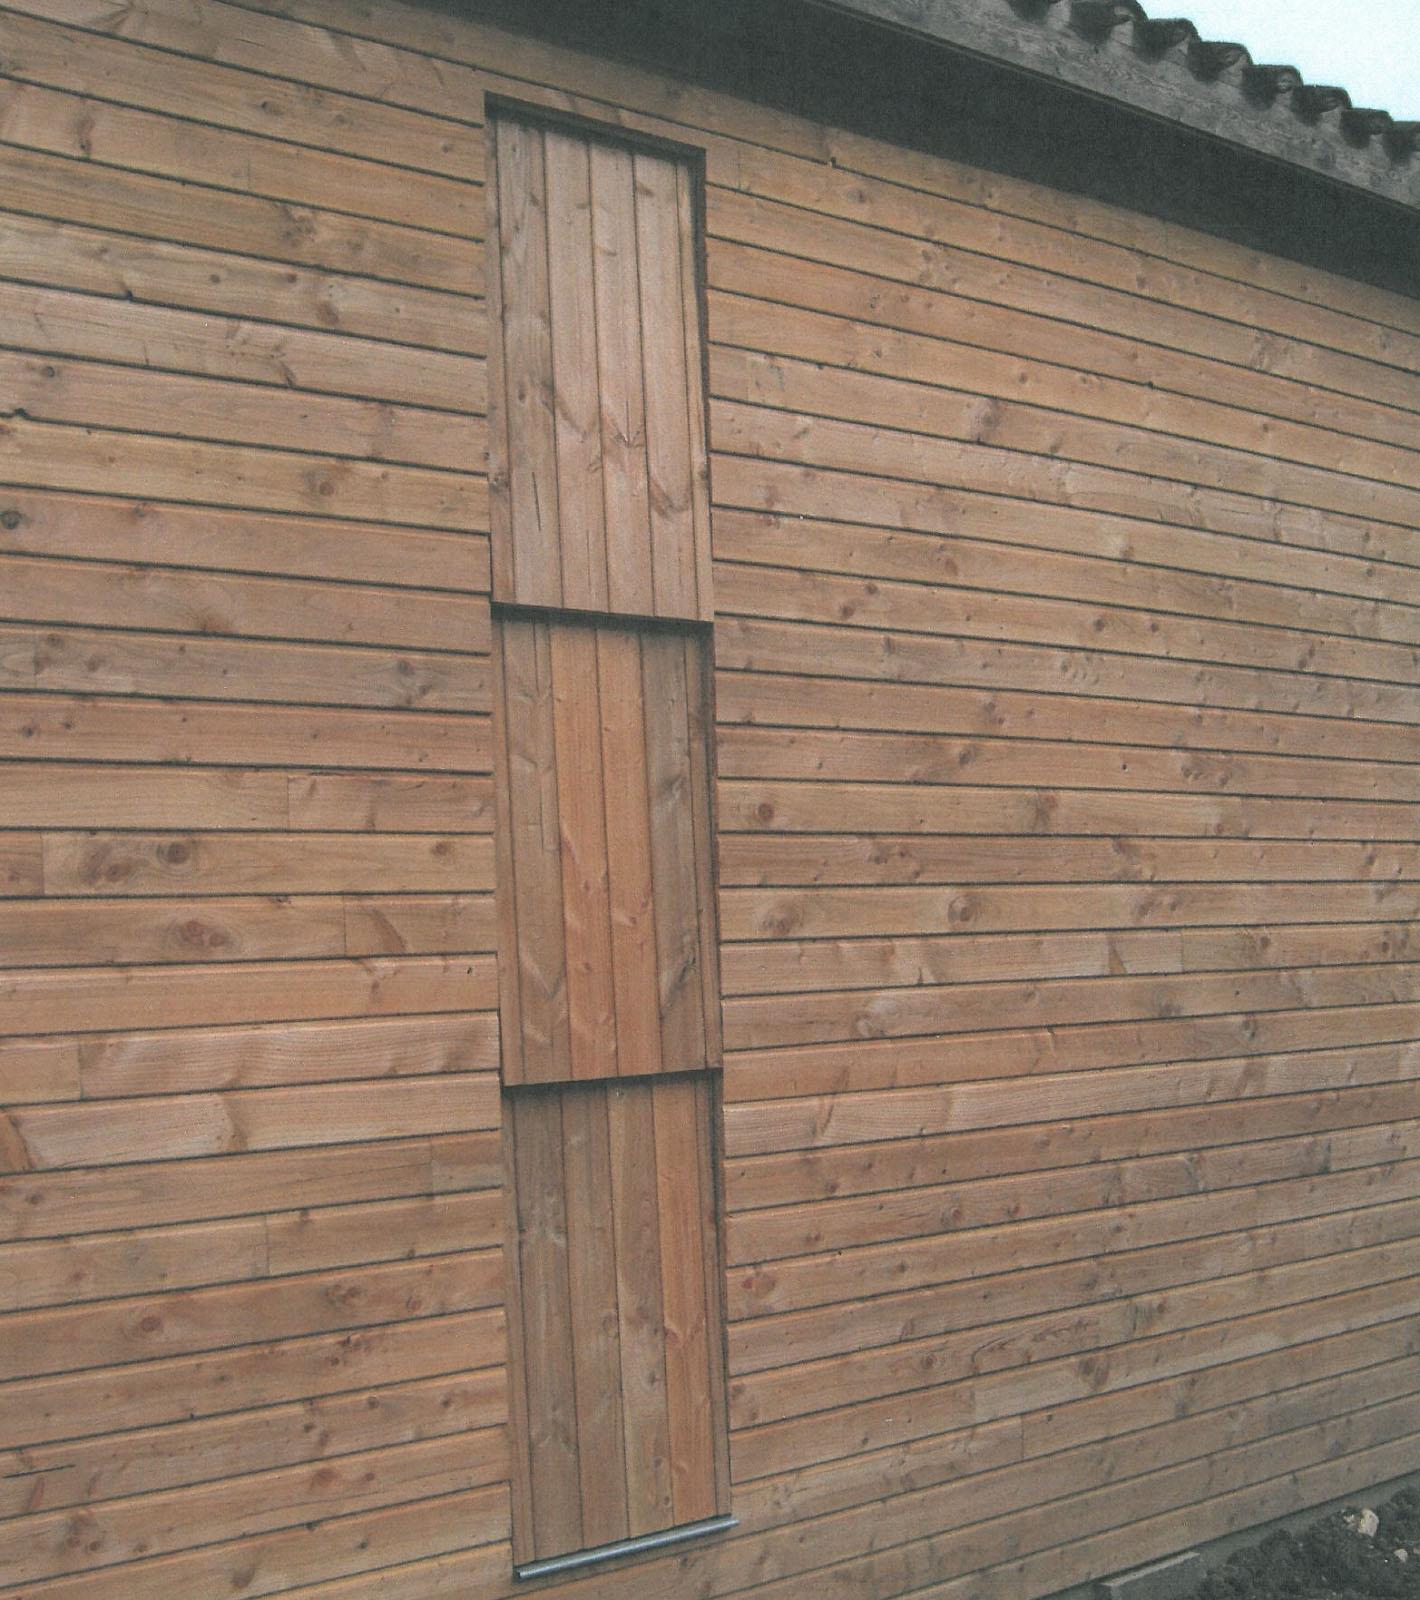 Bardage bois interieur pour chalet - Bardage bois interieur ...